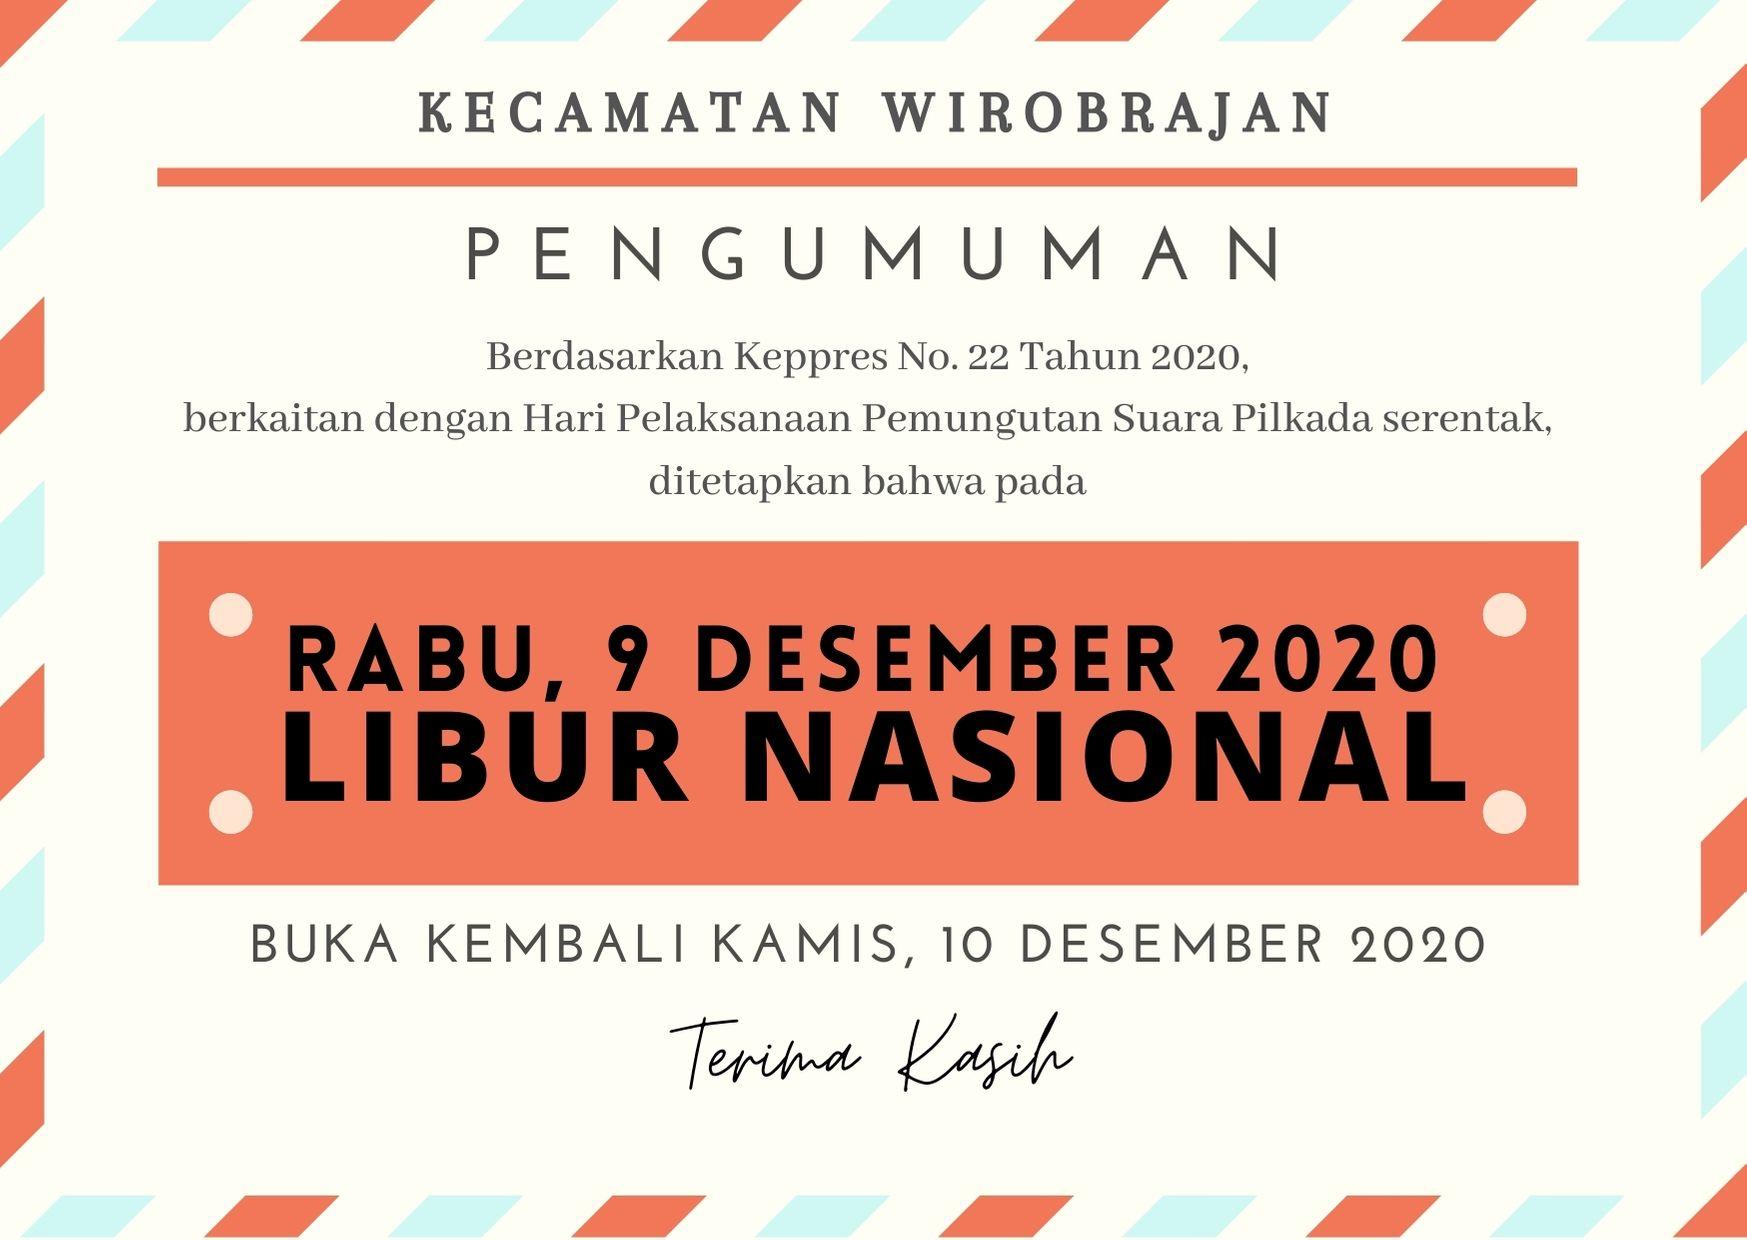 Hari Libur Nasional 09 Desember 2020